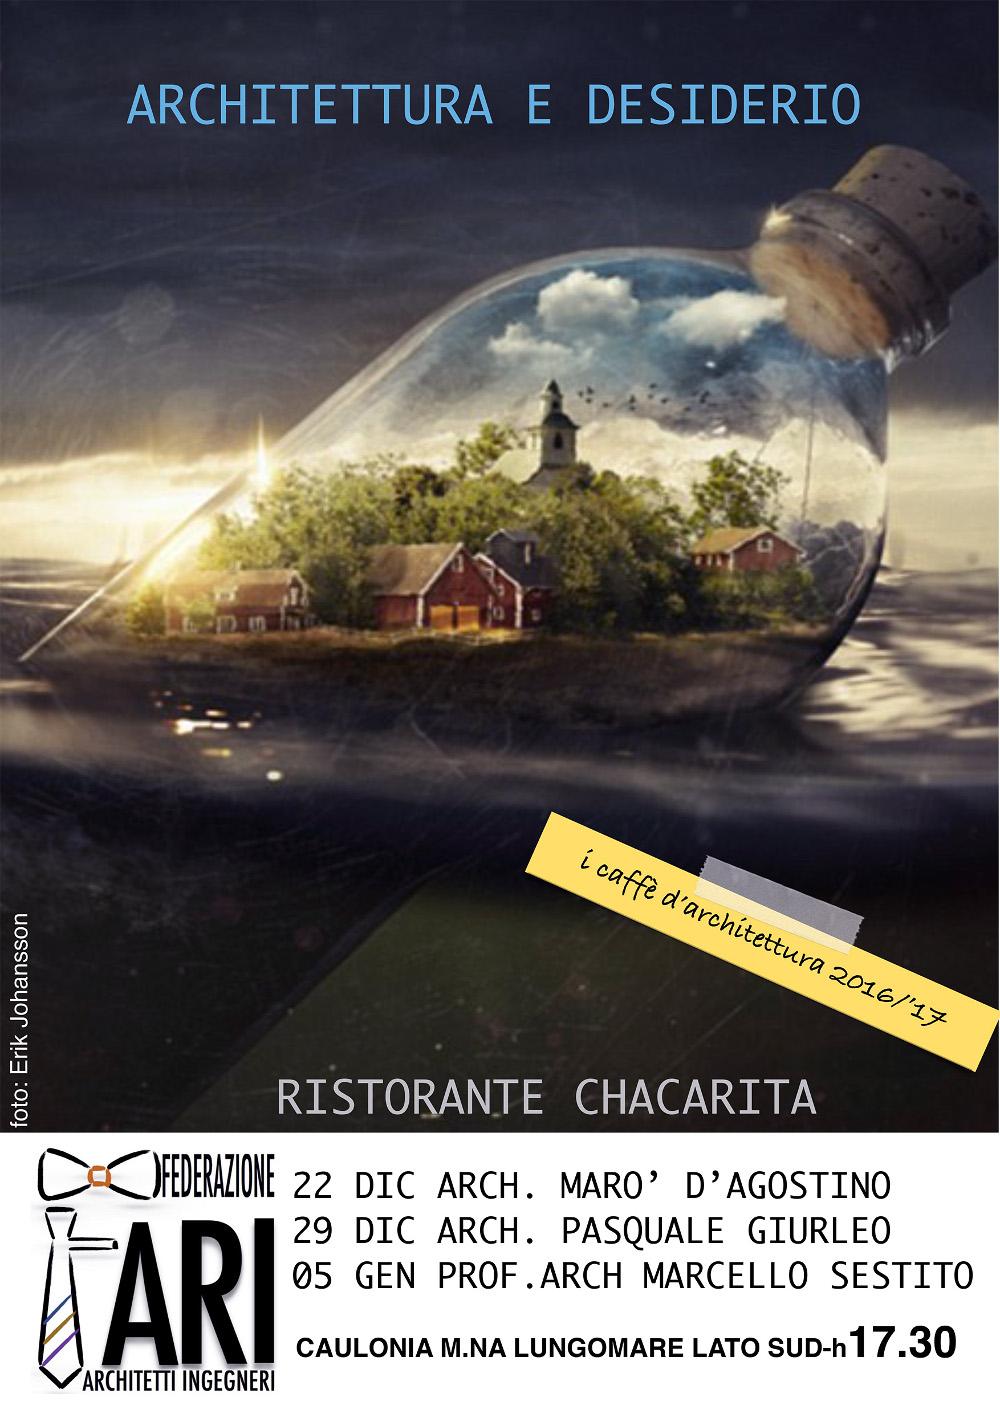 fari-locandina-architettura-e-desiderio